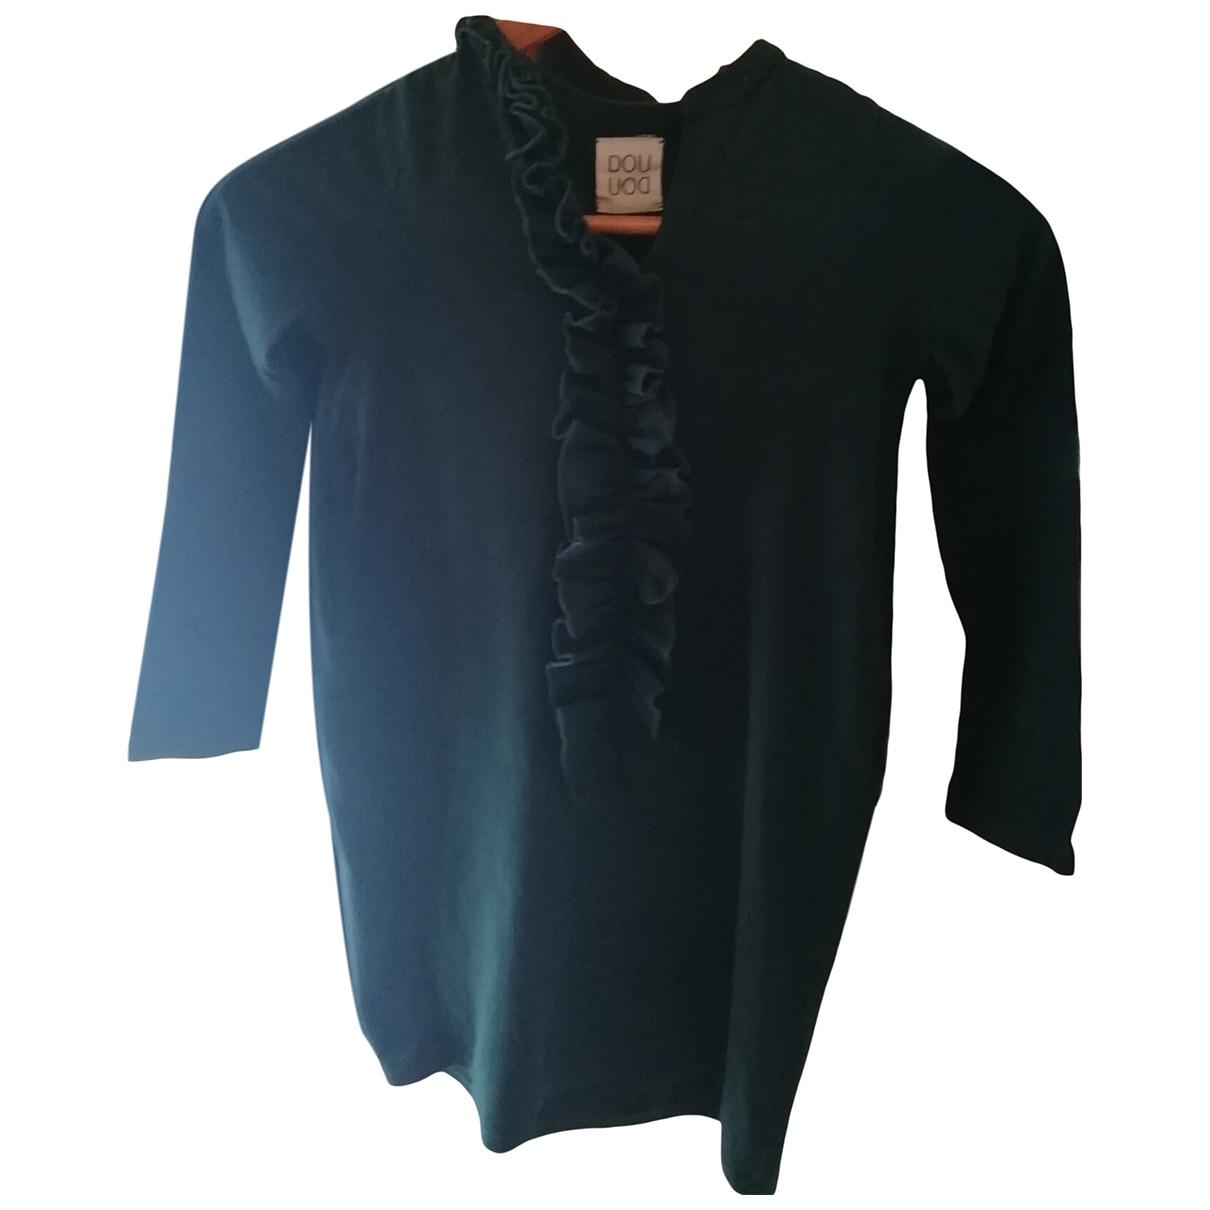 Douuod \N Kleid in  Gruen Baumwolle